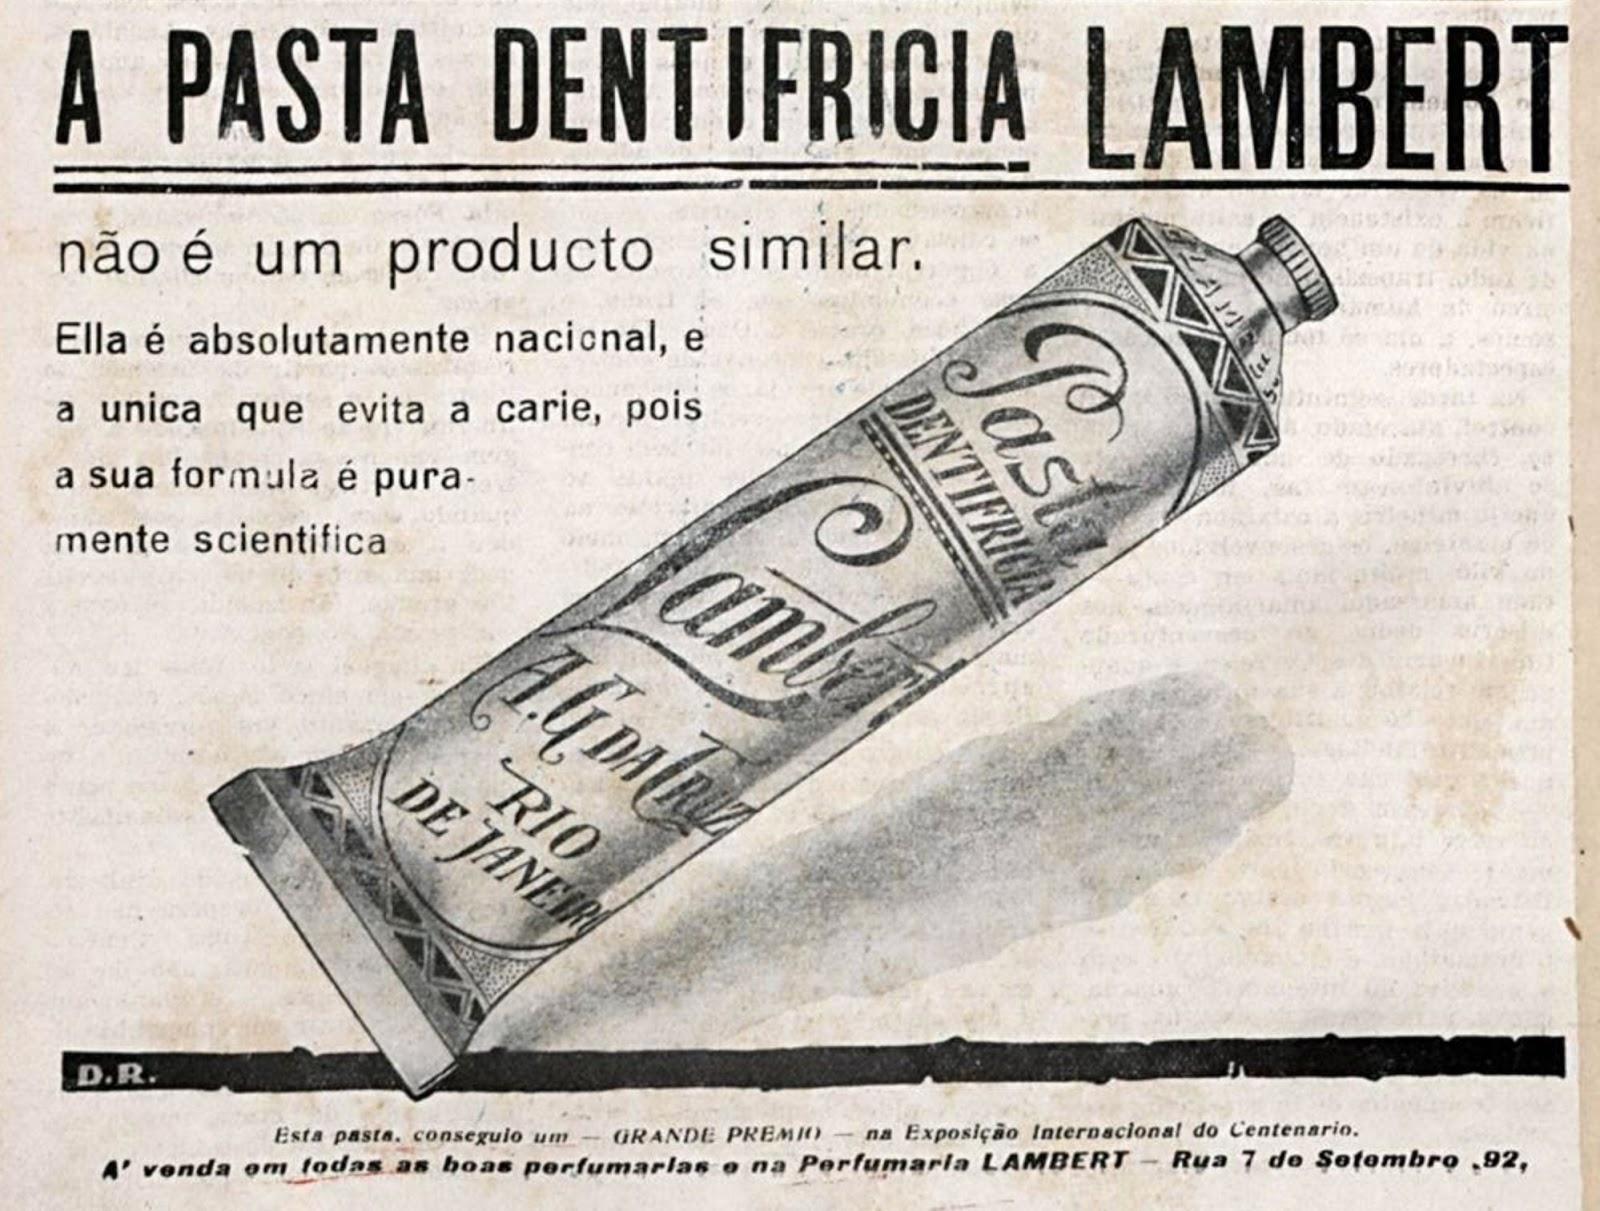 Propaganda antiga veiculada em 1924 para promover a pasta dentifrícia Lambert